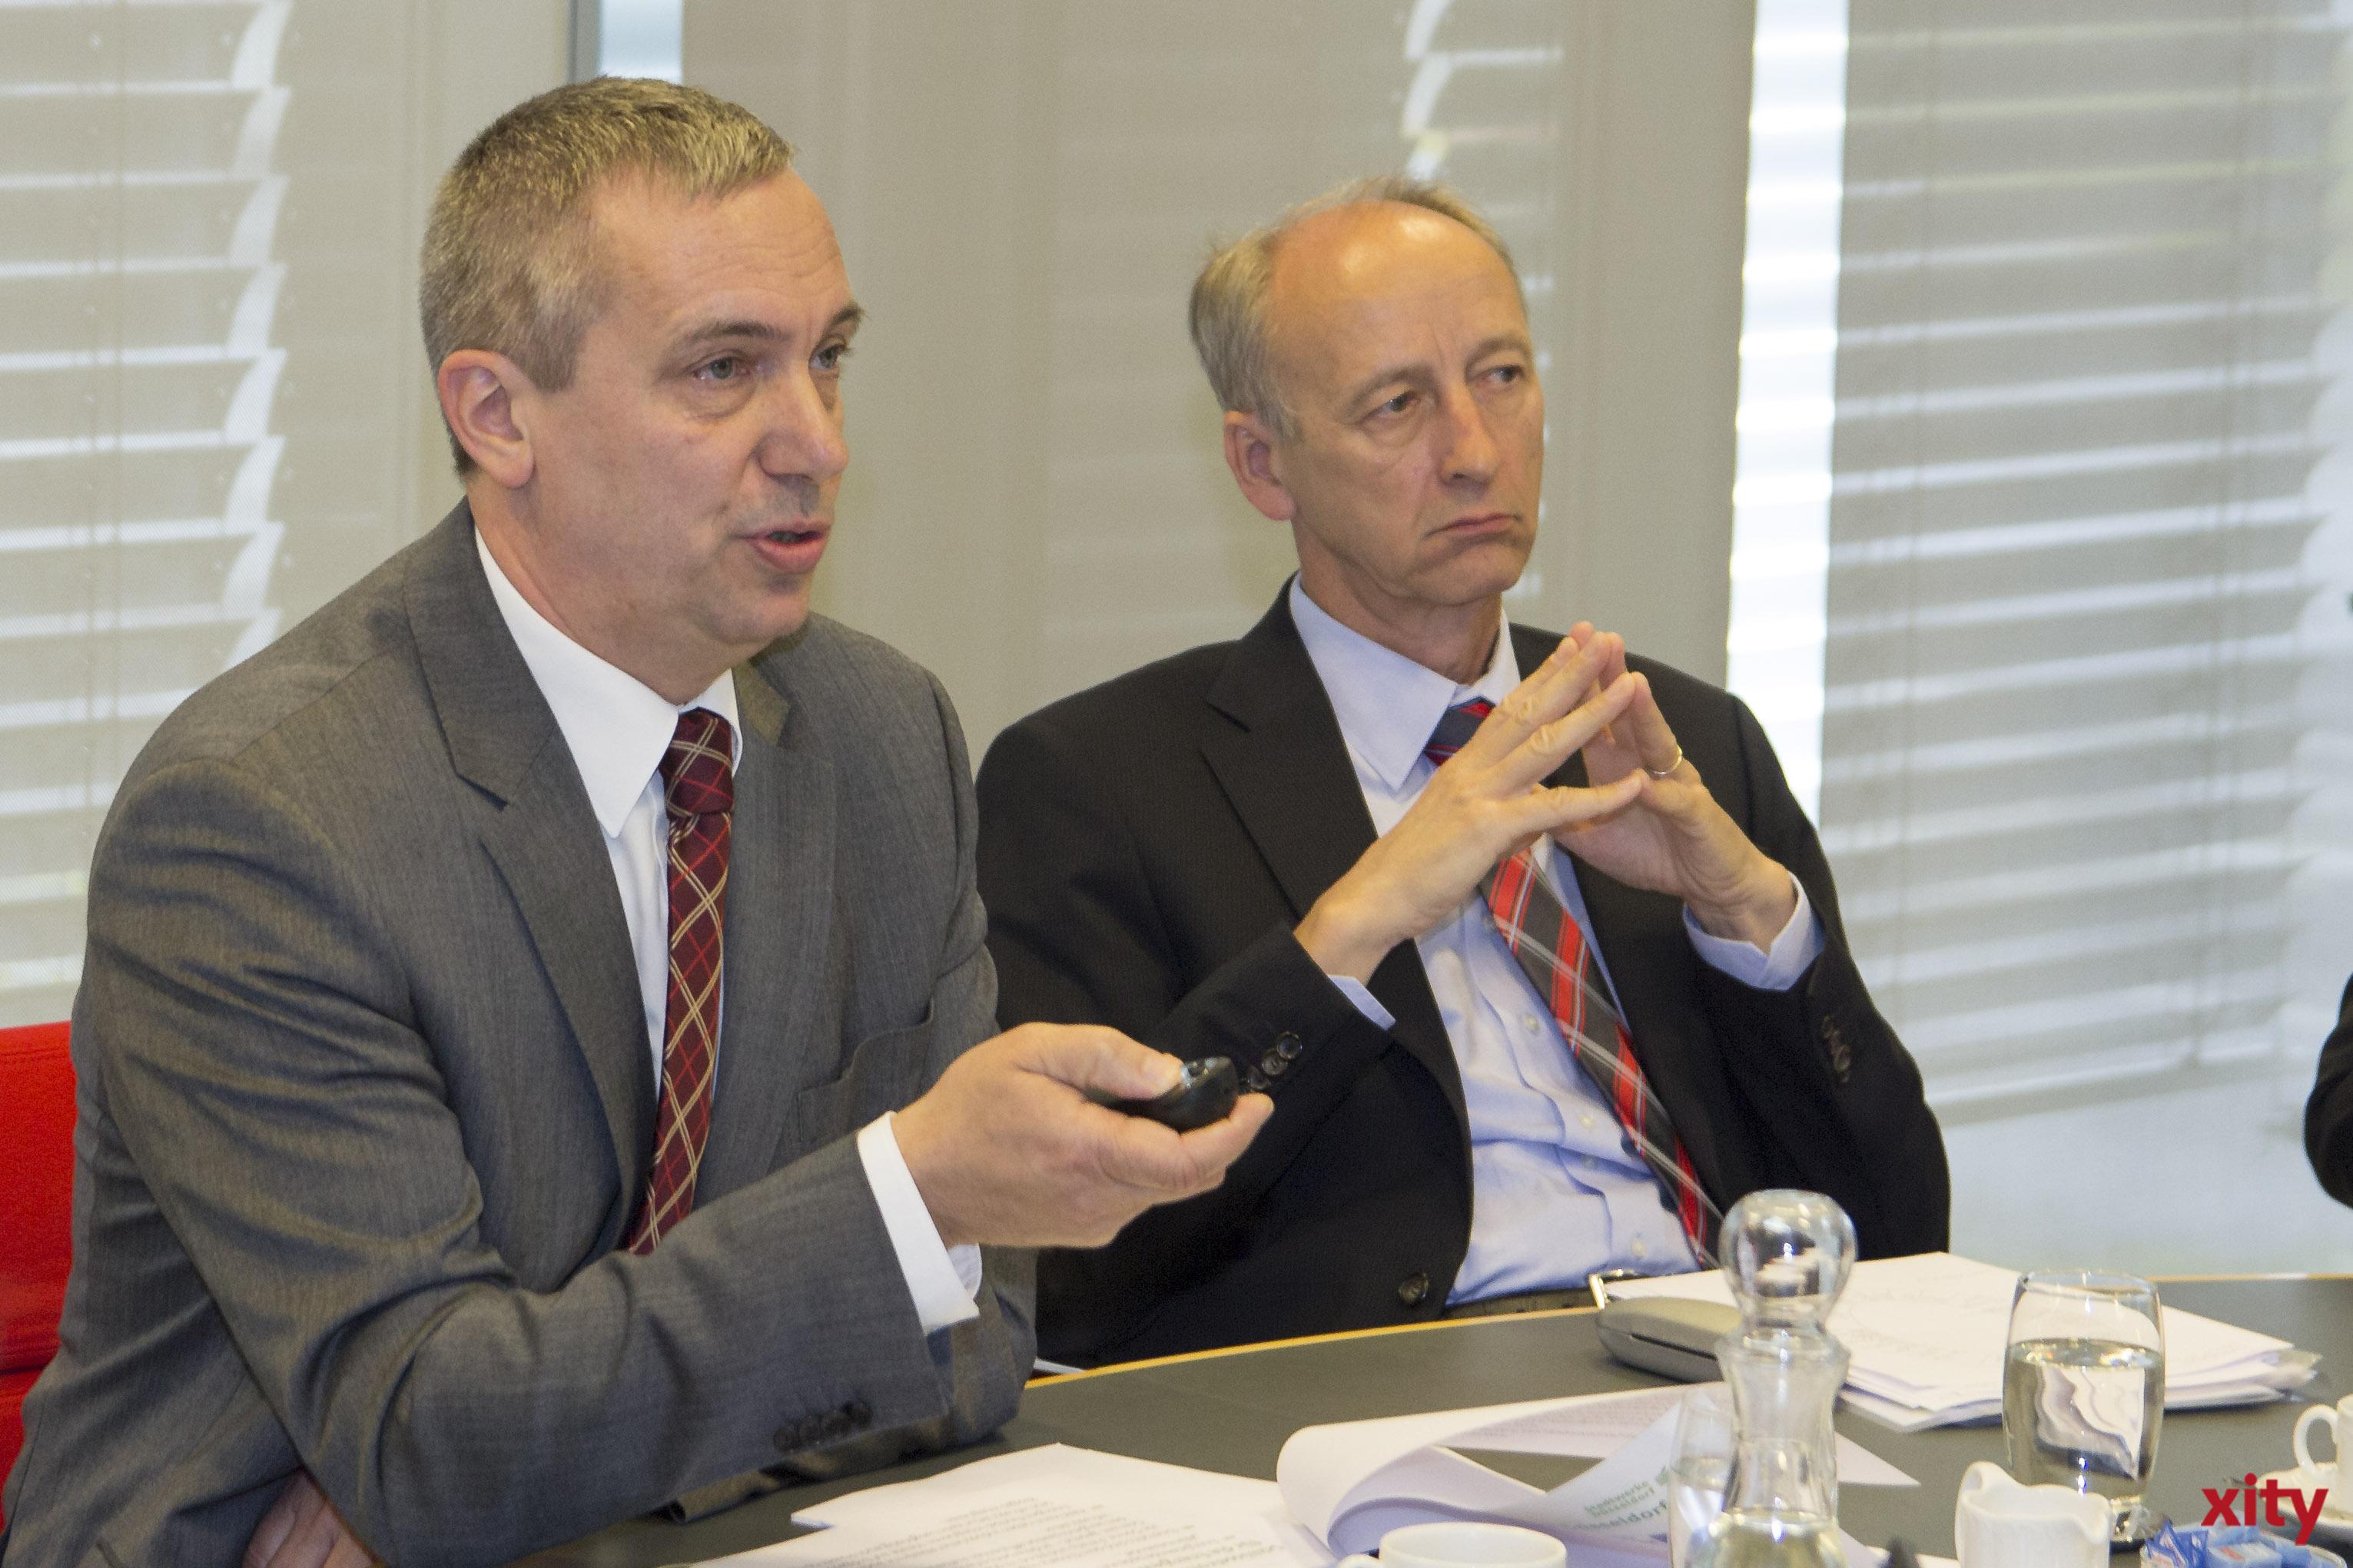 v.l. Dr. Udo Brockmeier, Vorstandsvorsitzender der Stadtwerke Düsseldorf und Rainer Pennekamp, Vorstand für Personal und Vertrieb (Foto: xity)